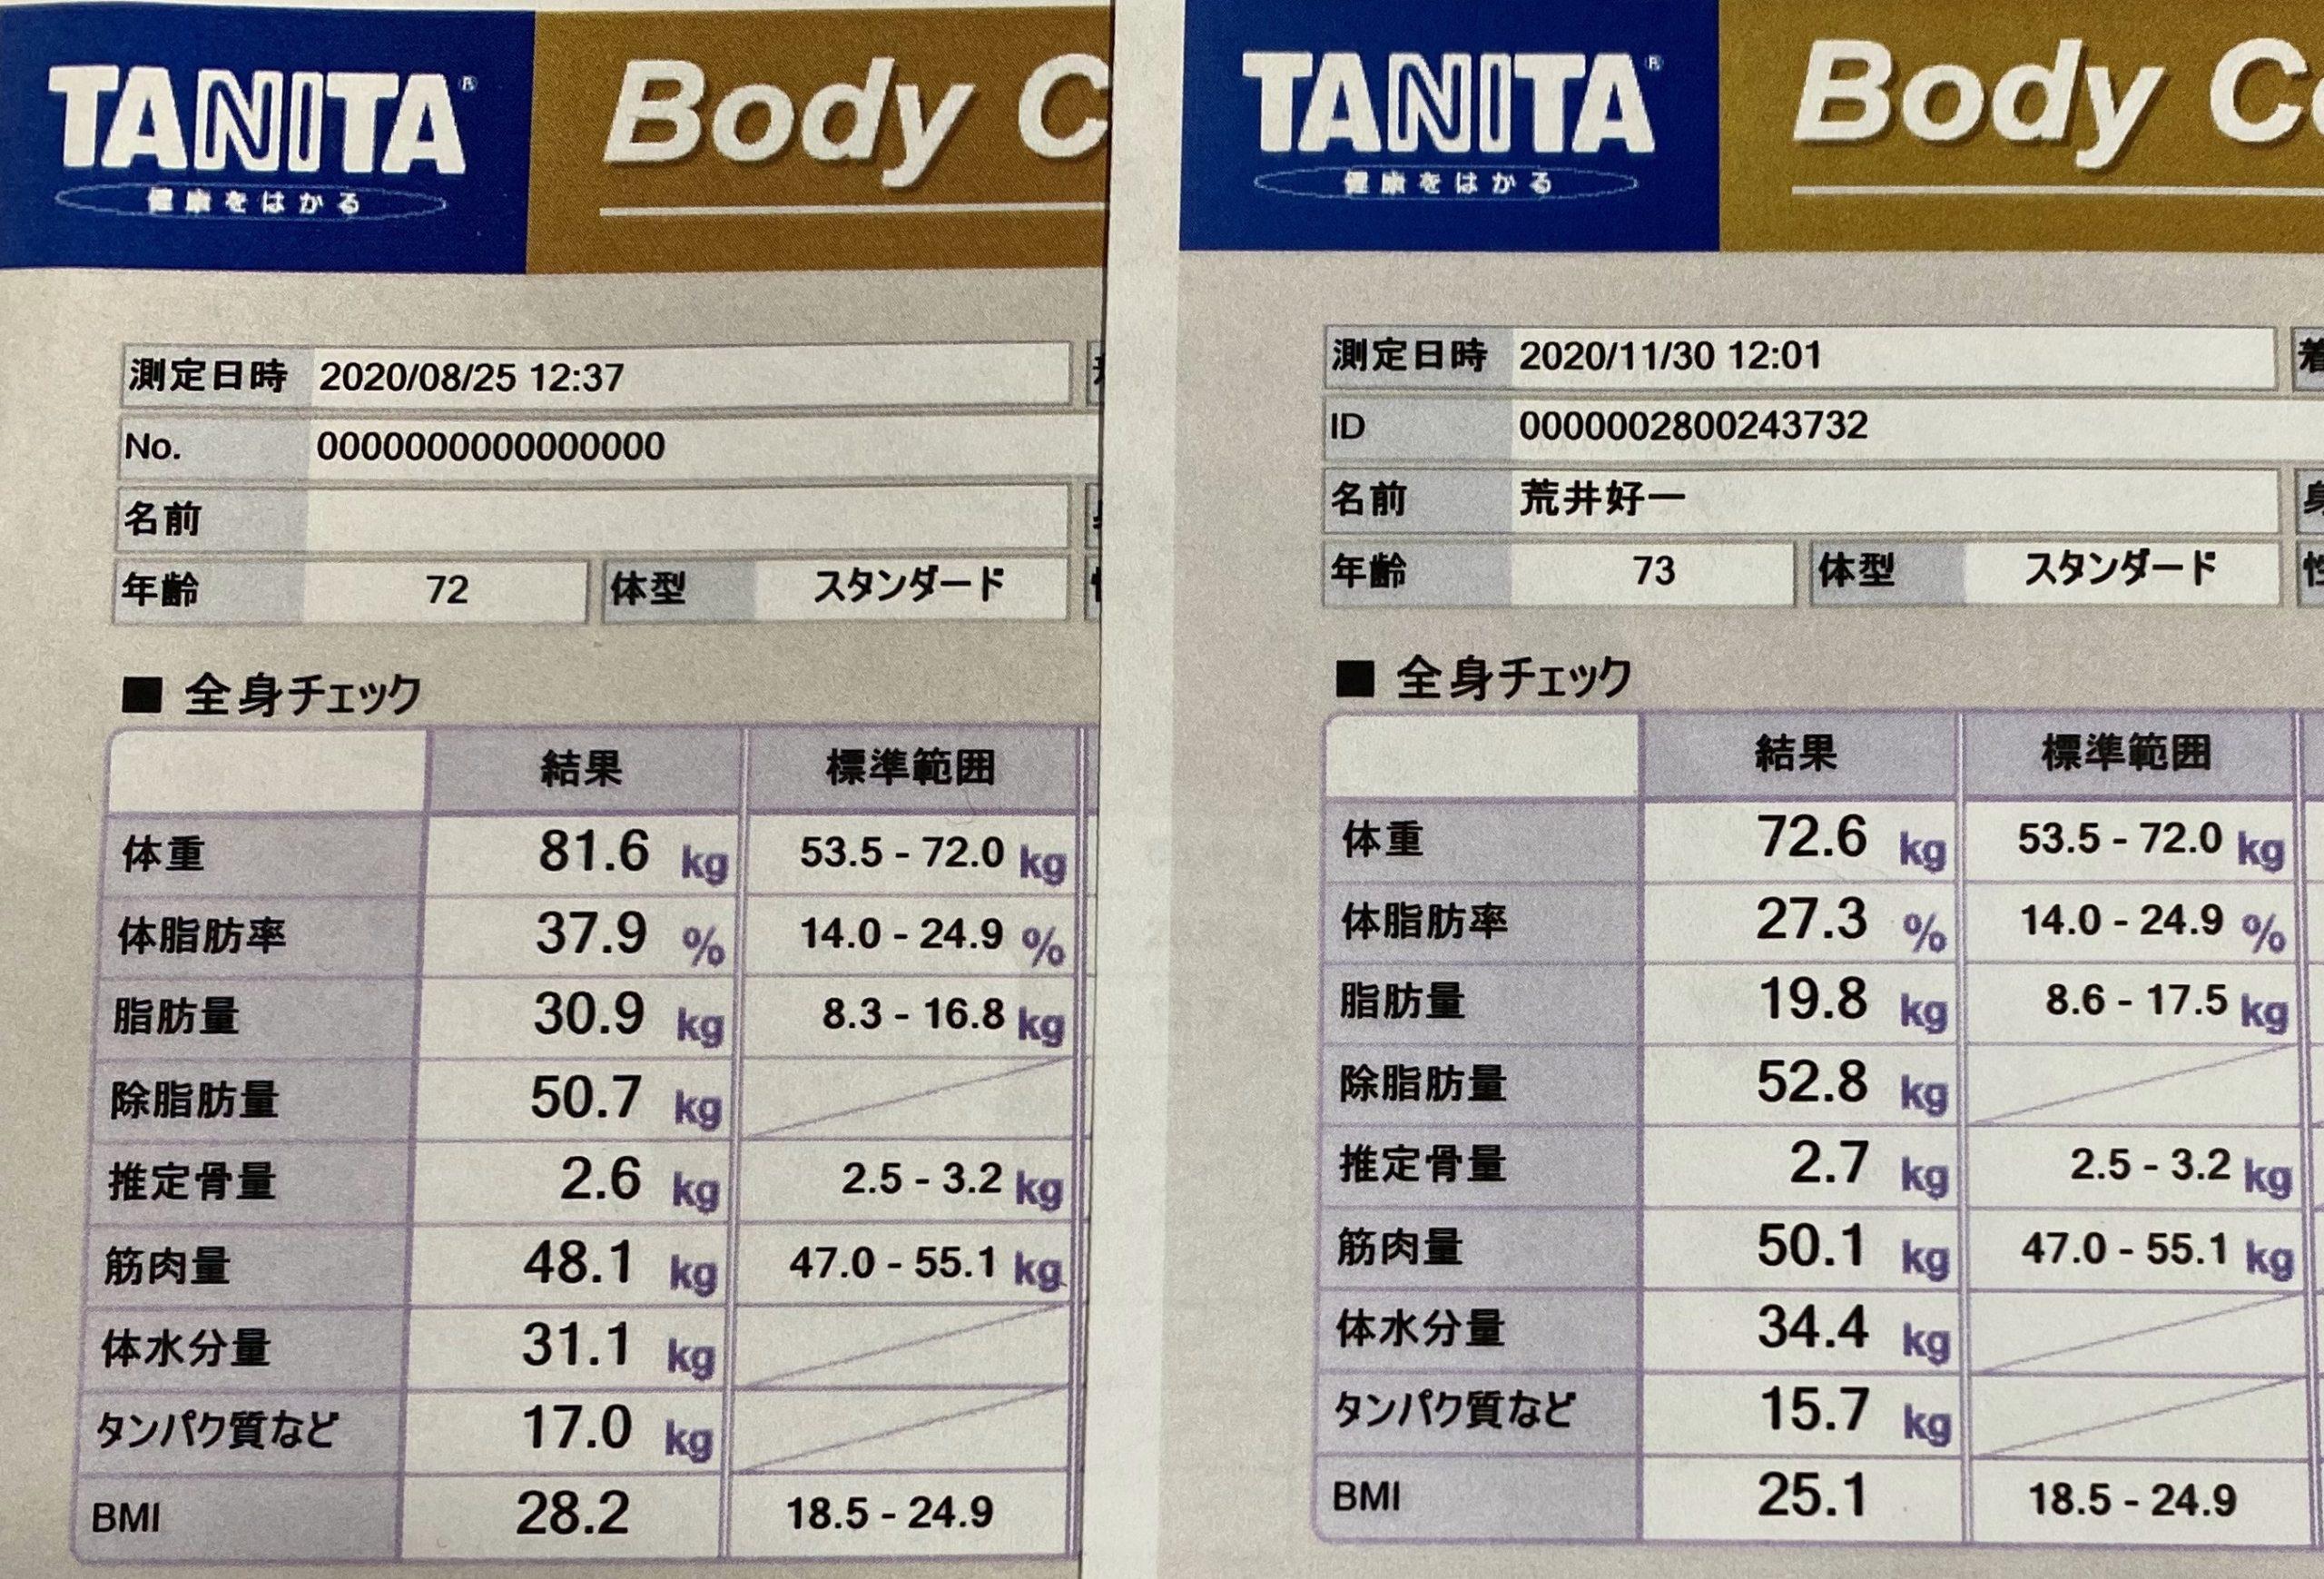 ライザップ3ヶ月、体重9kg減(脂肪量は11.1kg減、筋肉量2kg増)